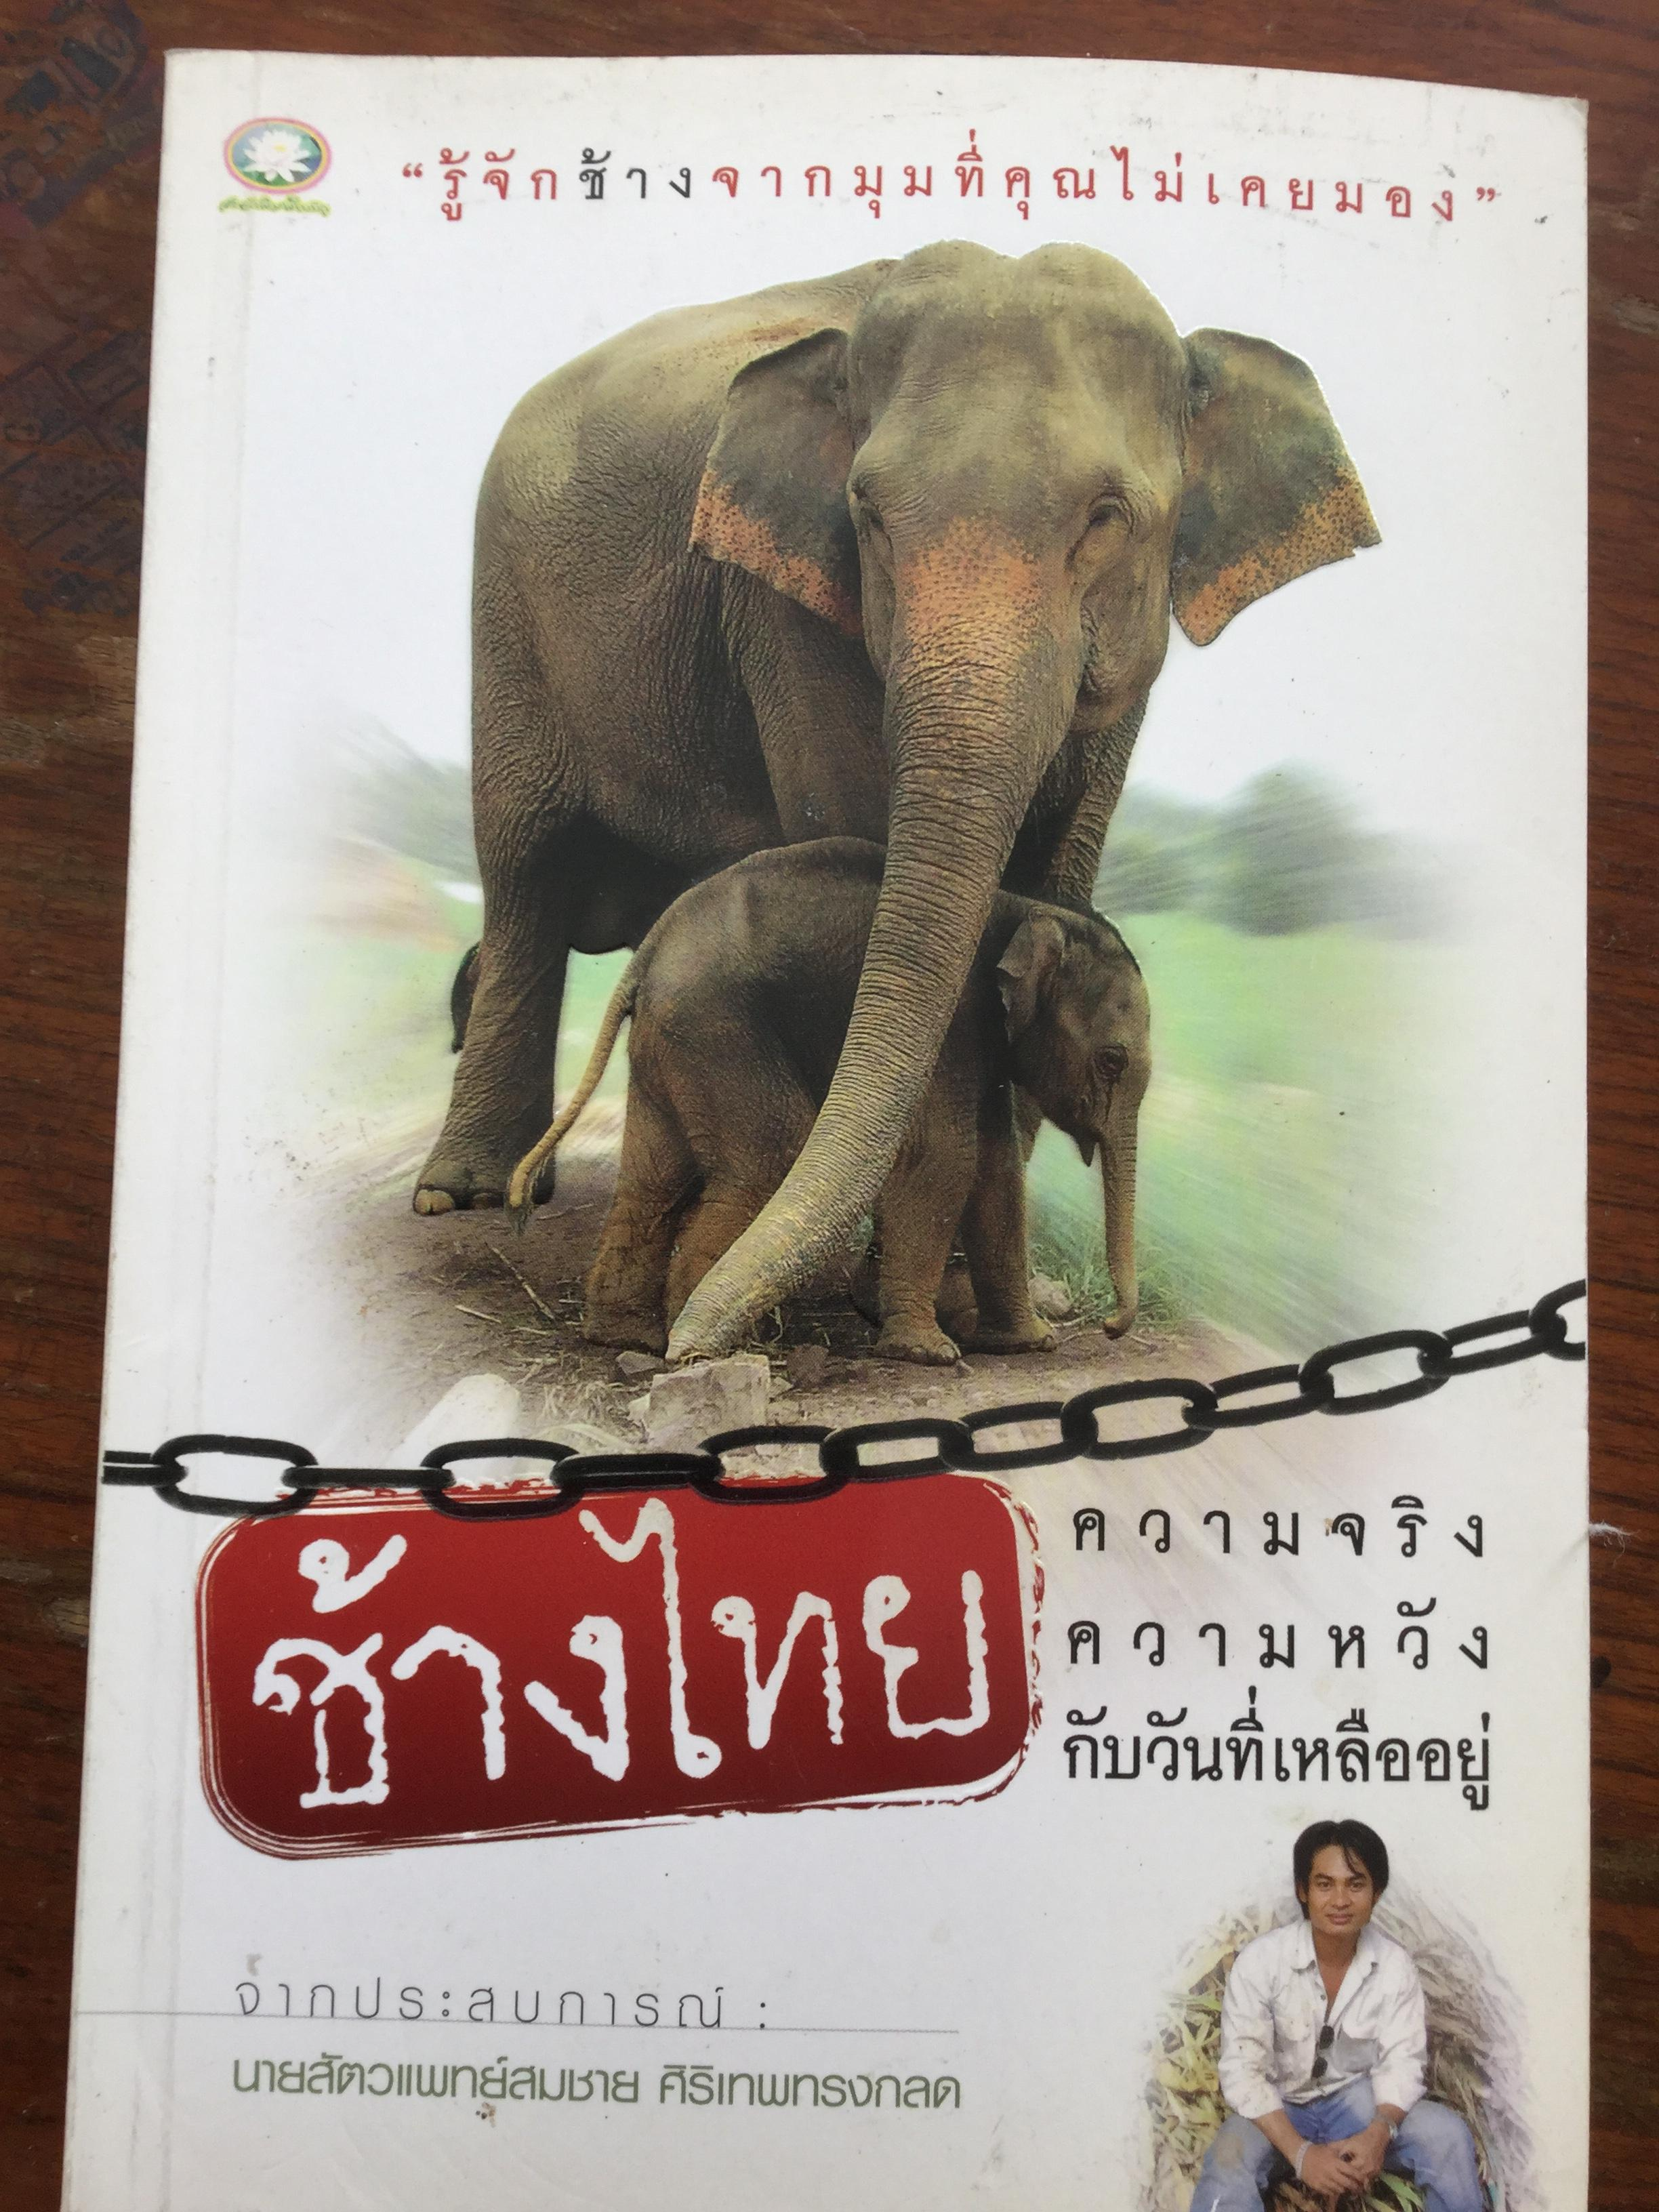 ช้างไทย ความจริงความหวังกับวันที่เหลืออยู่. รู้จักช้างจากมุมที่คุณไม่เคยมอง. จากประสบการณ์ : นายสัตวแพทย์สมชาย ศิริทรงกลด